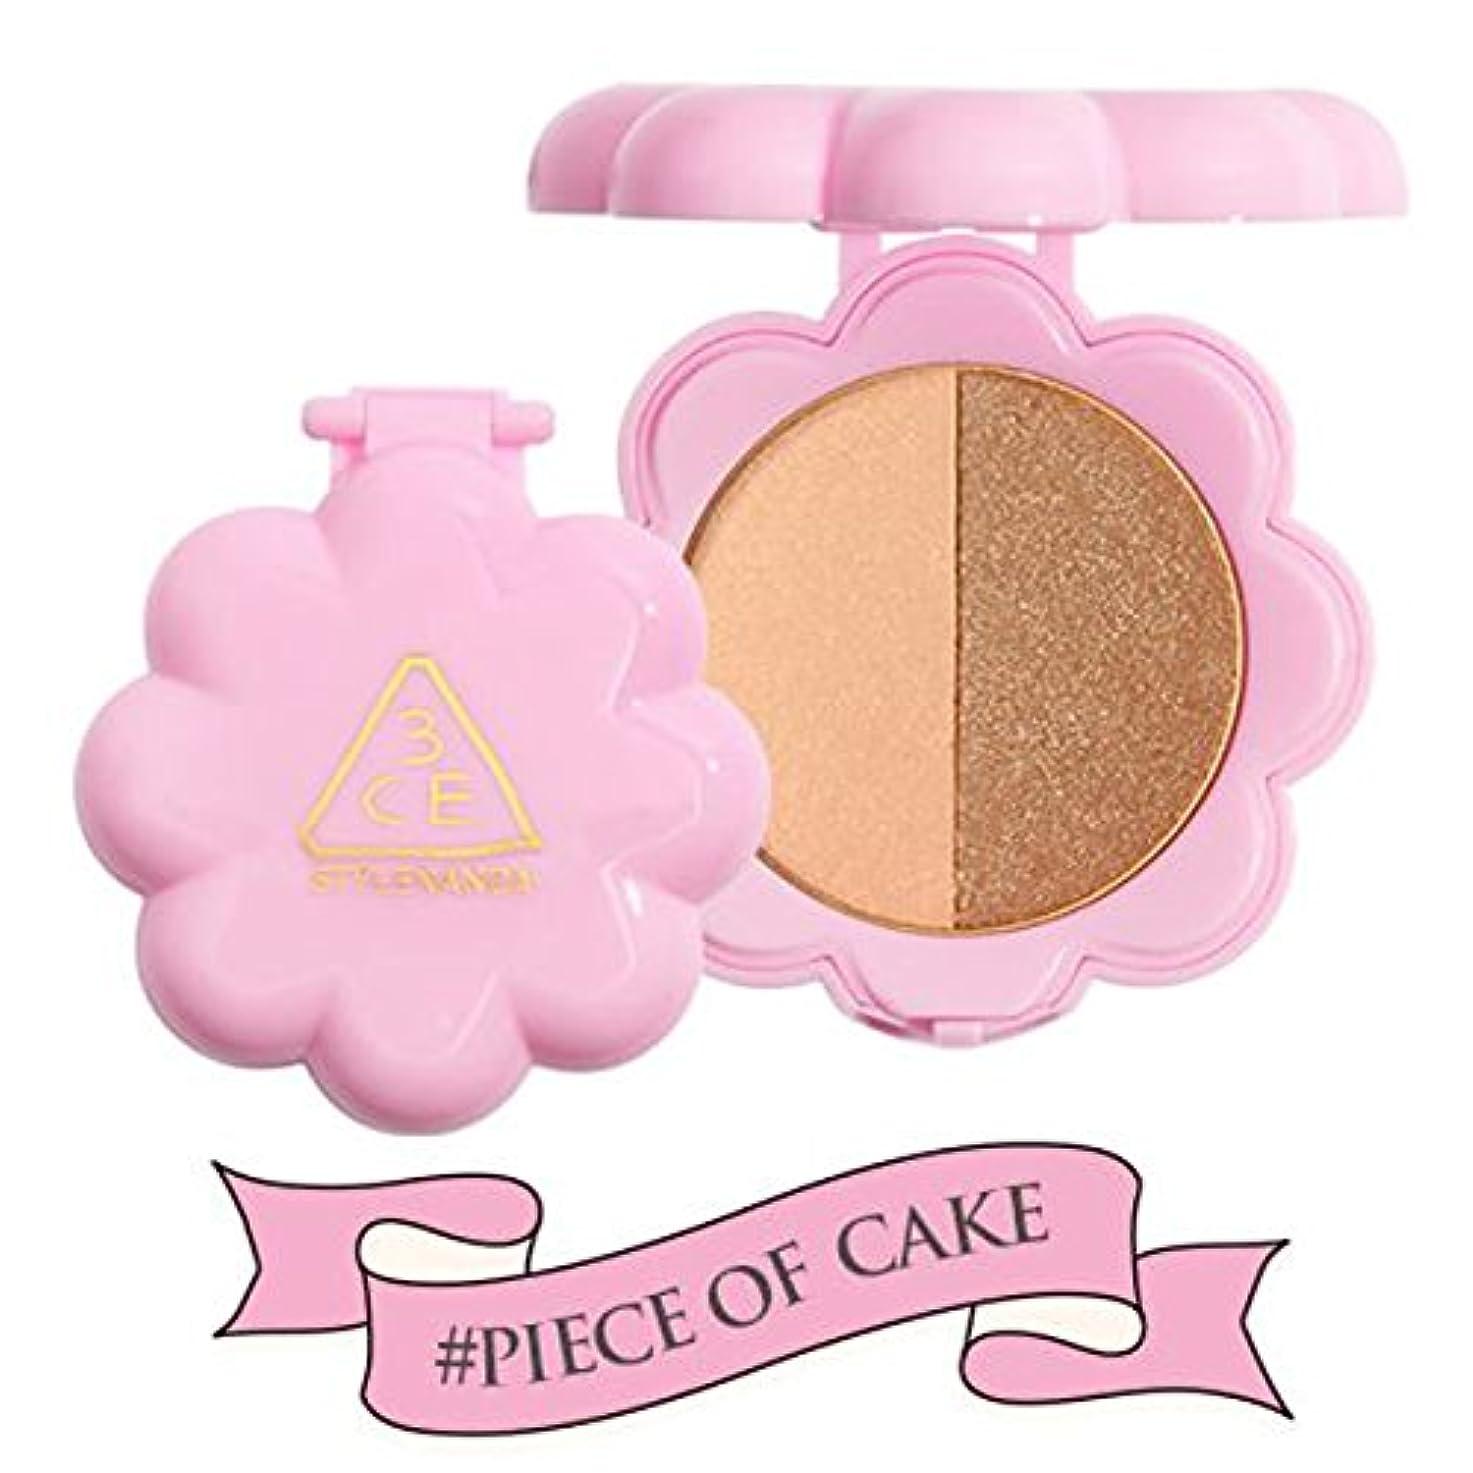 宇宙船奇妙な一節3CE スリーコンセプトアイズ LOVE デュオ シャドウ 3.2g PIECE OF CAKE (在庫) [並行輸入品]